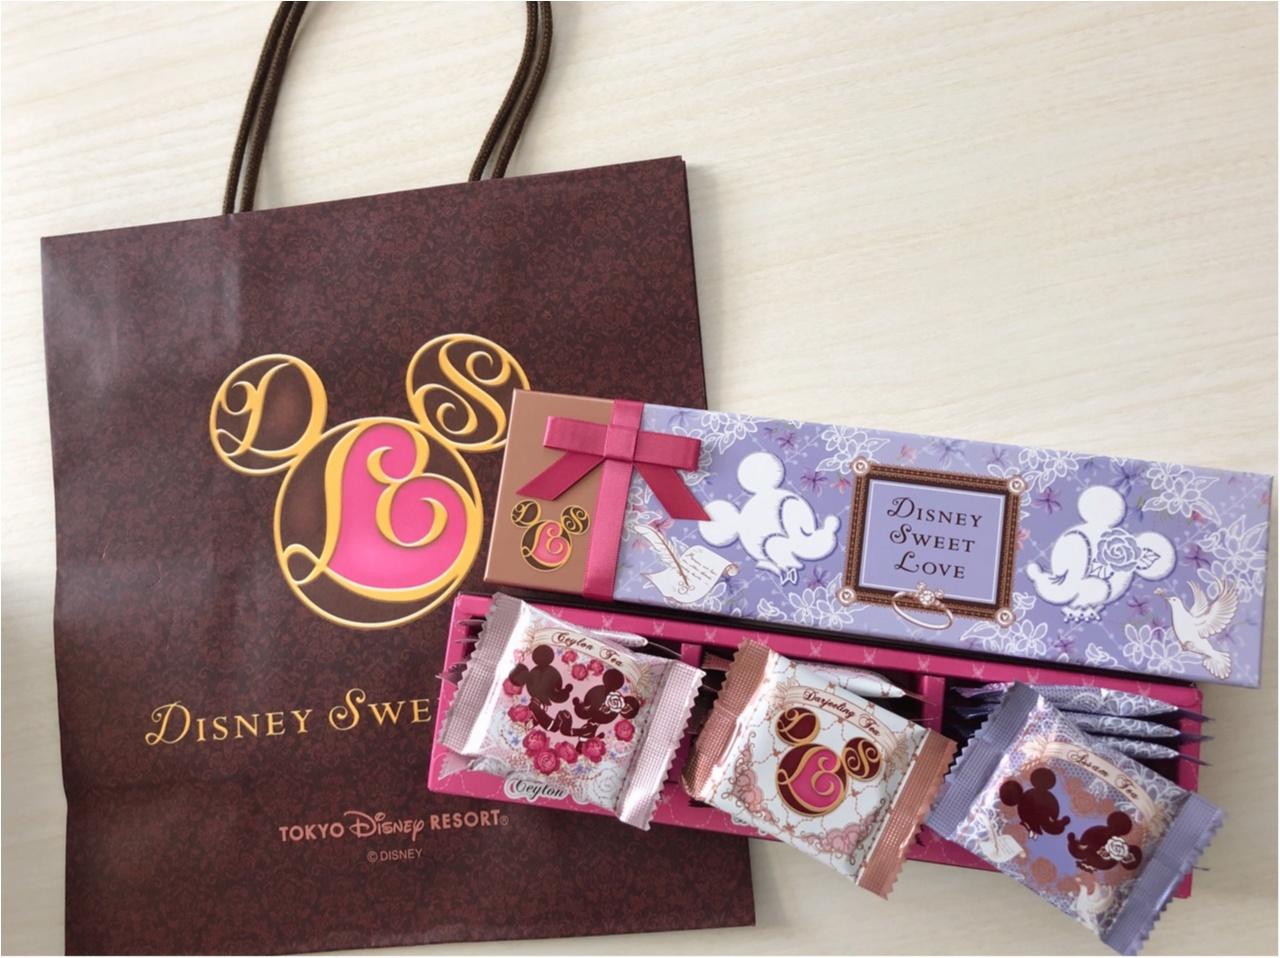 【ディズニーバレンタイン2018】ディズニーシーで購入したお土産をご紹介!!_4